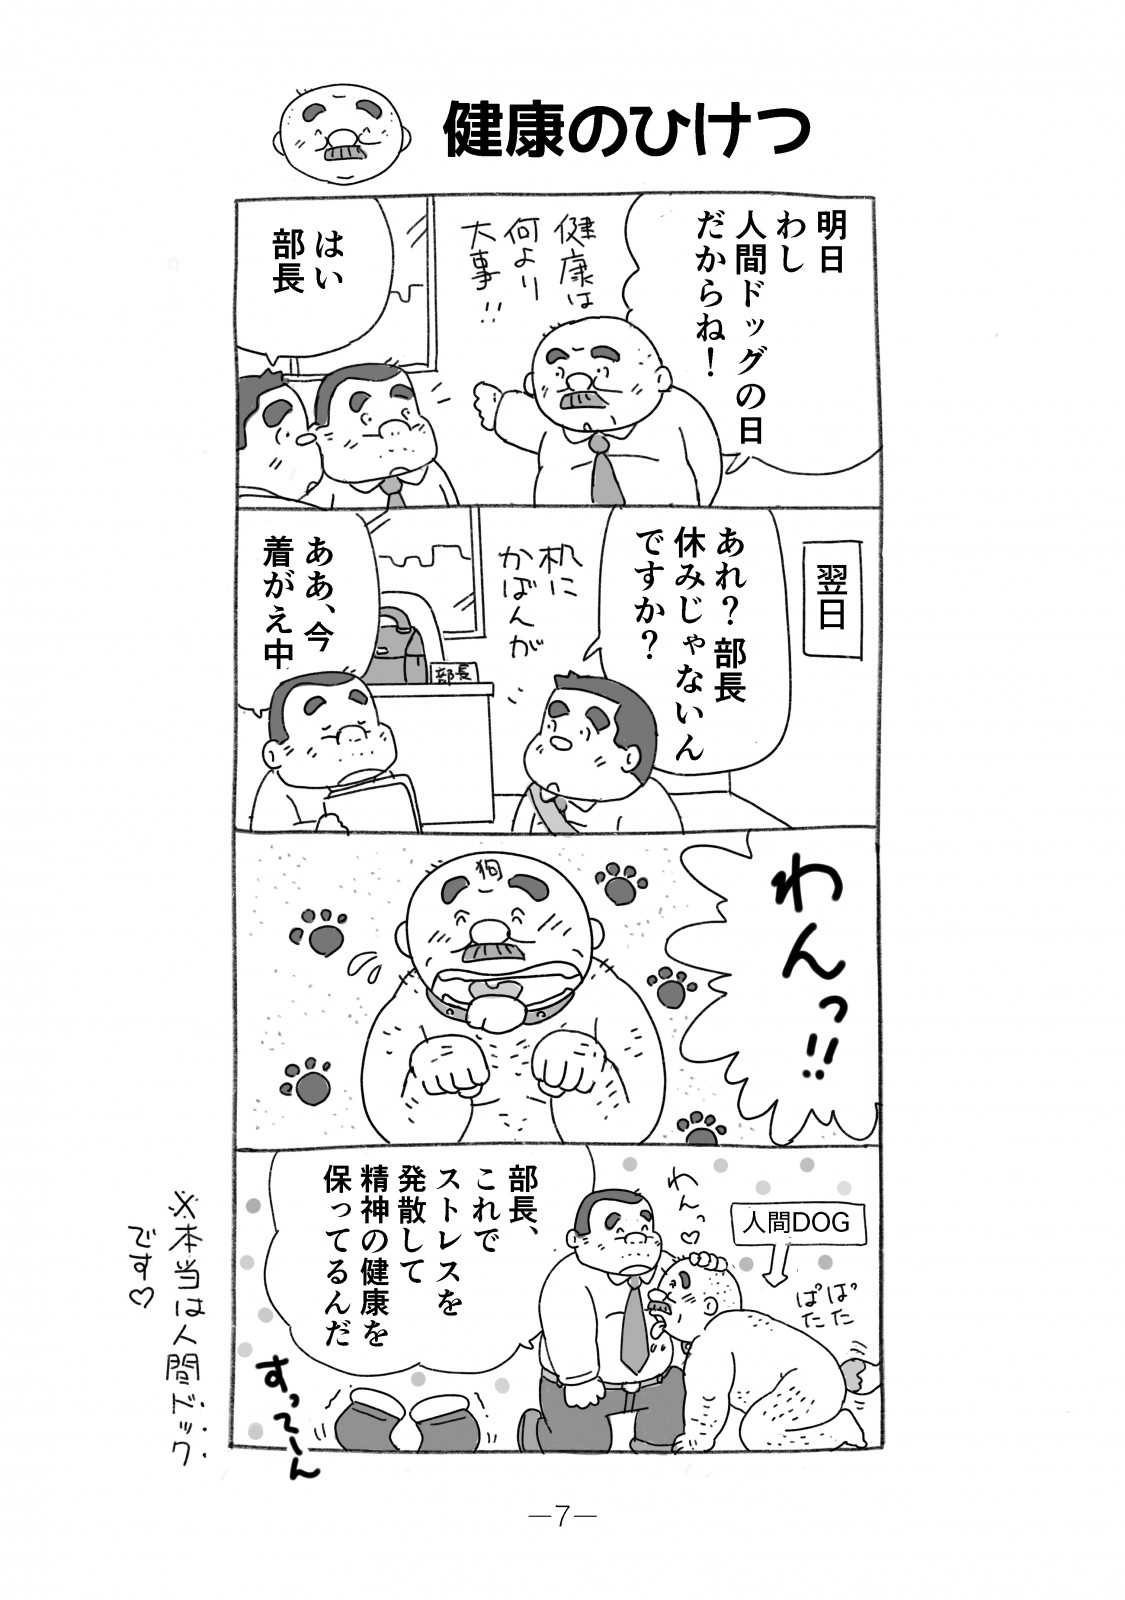 [あんどん丸] の【あんどん丸の昭和太おじパラダイス!! ケモノのように抱かれたい!!編】